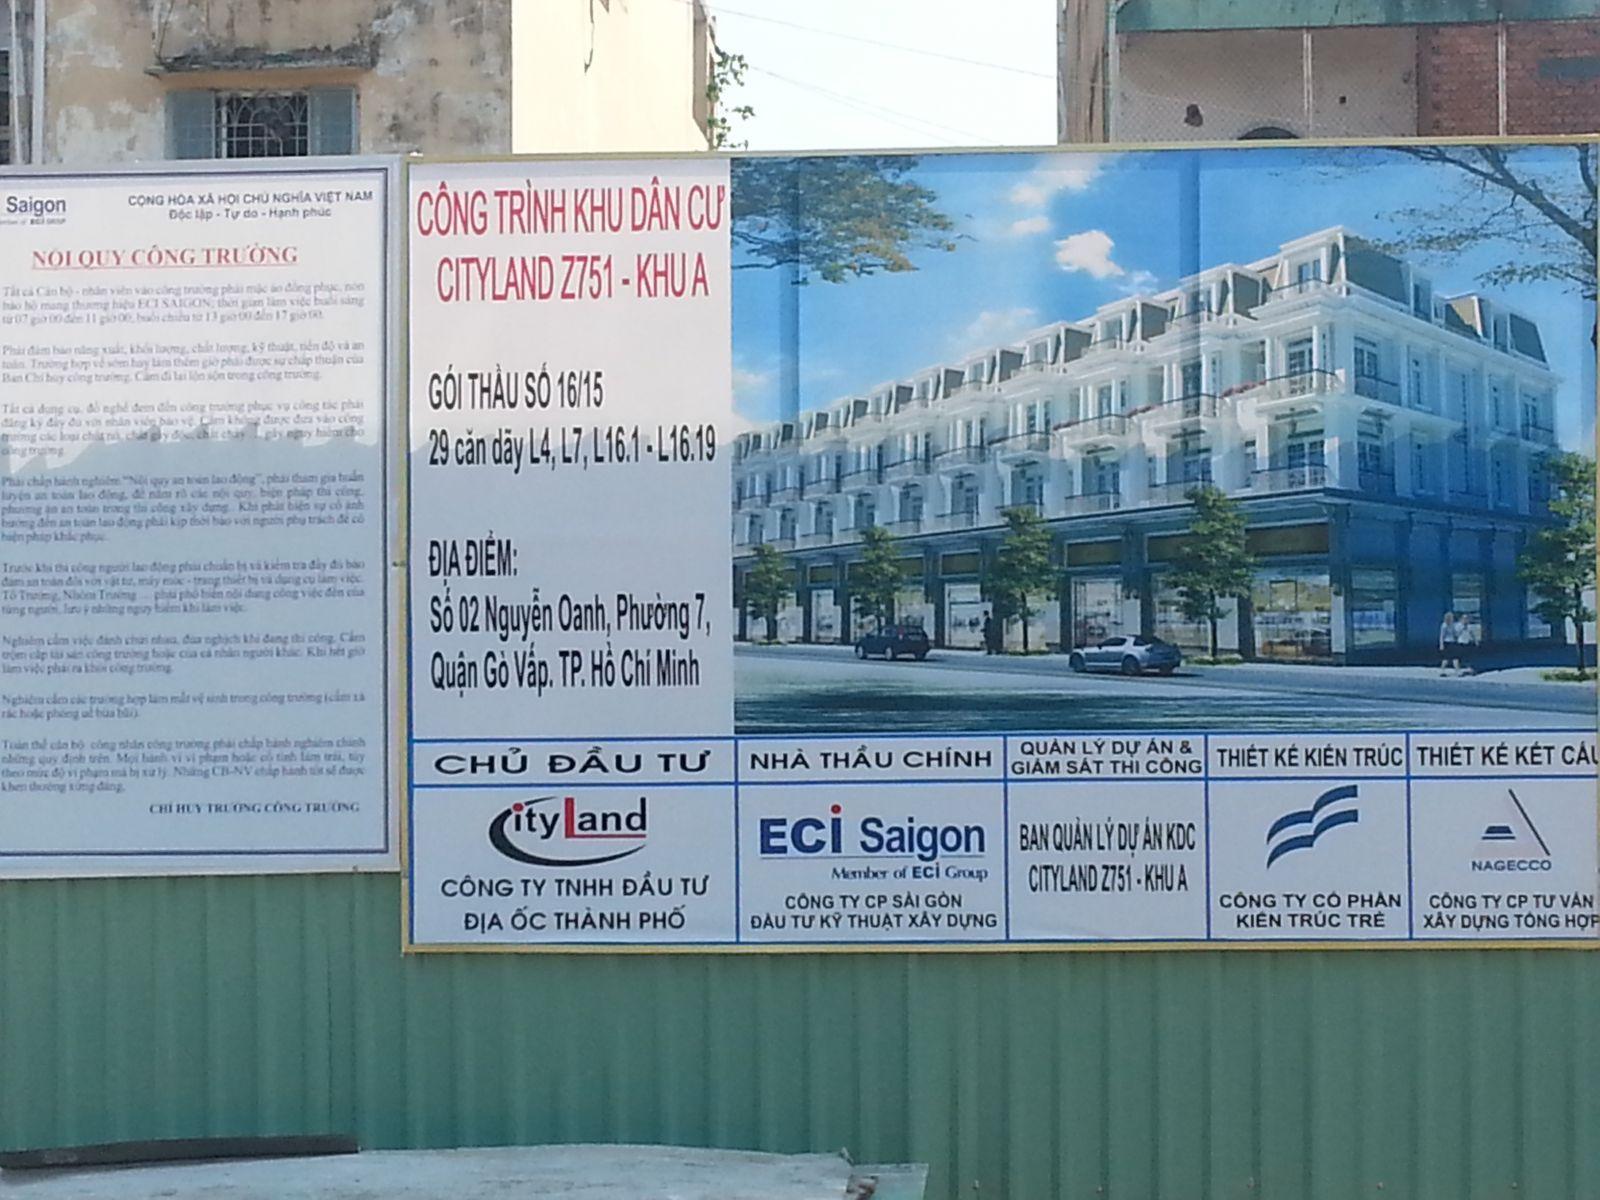 Bảng thông tin xây dựng dãy nhà Cityland Center Hills